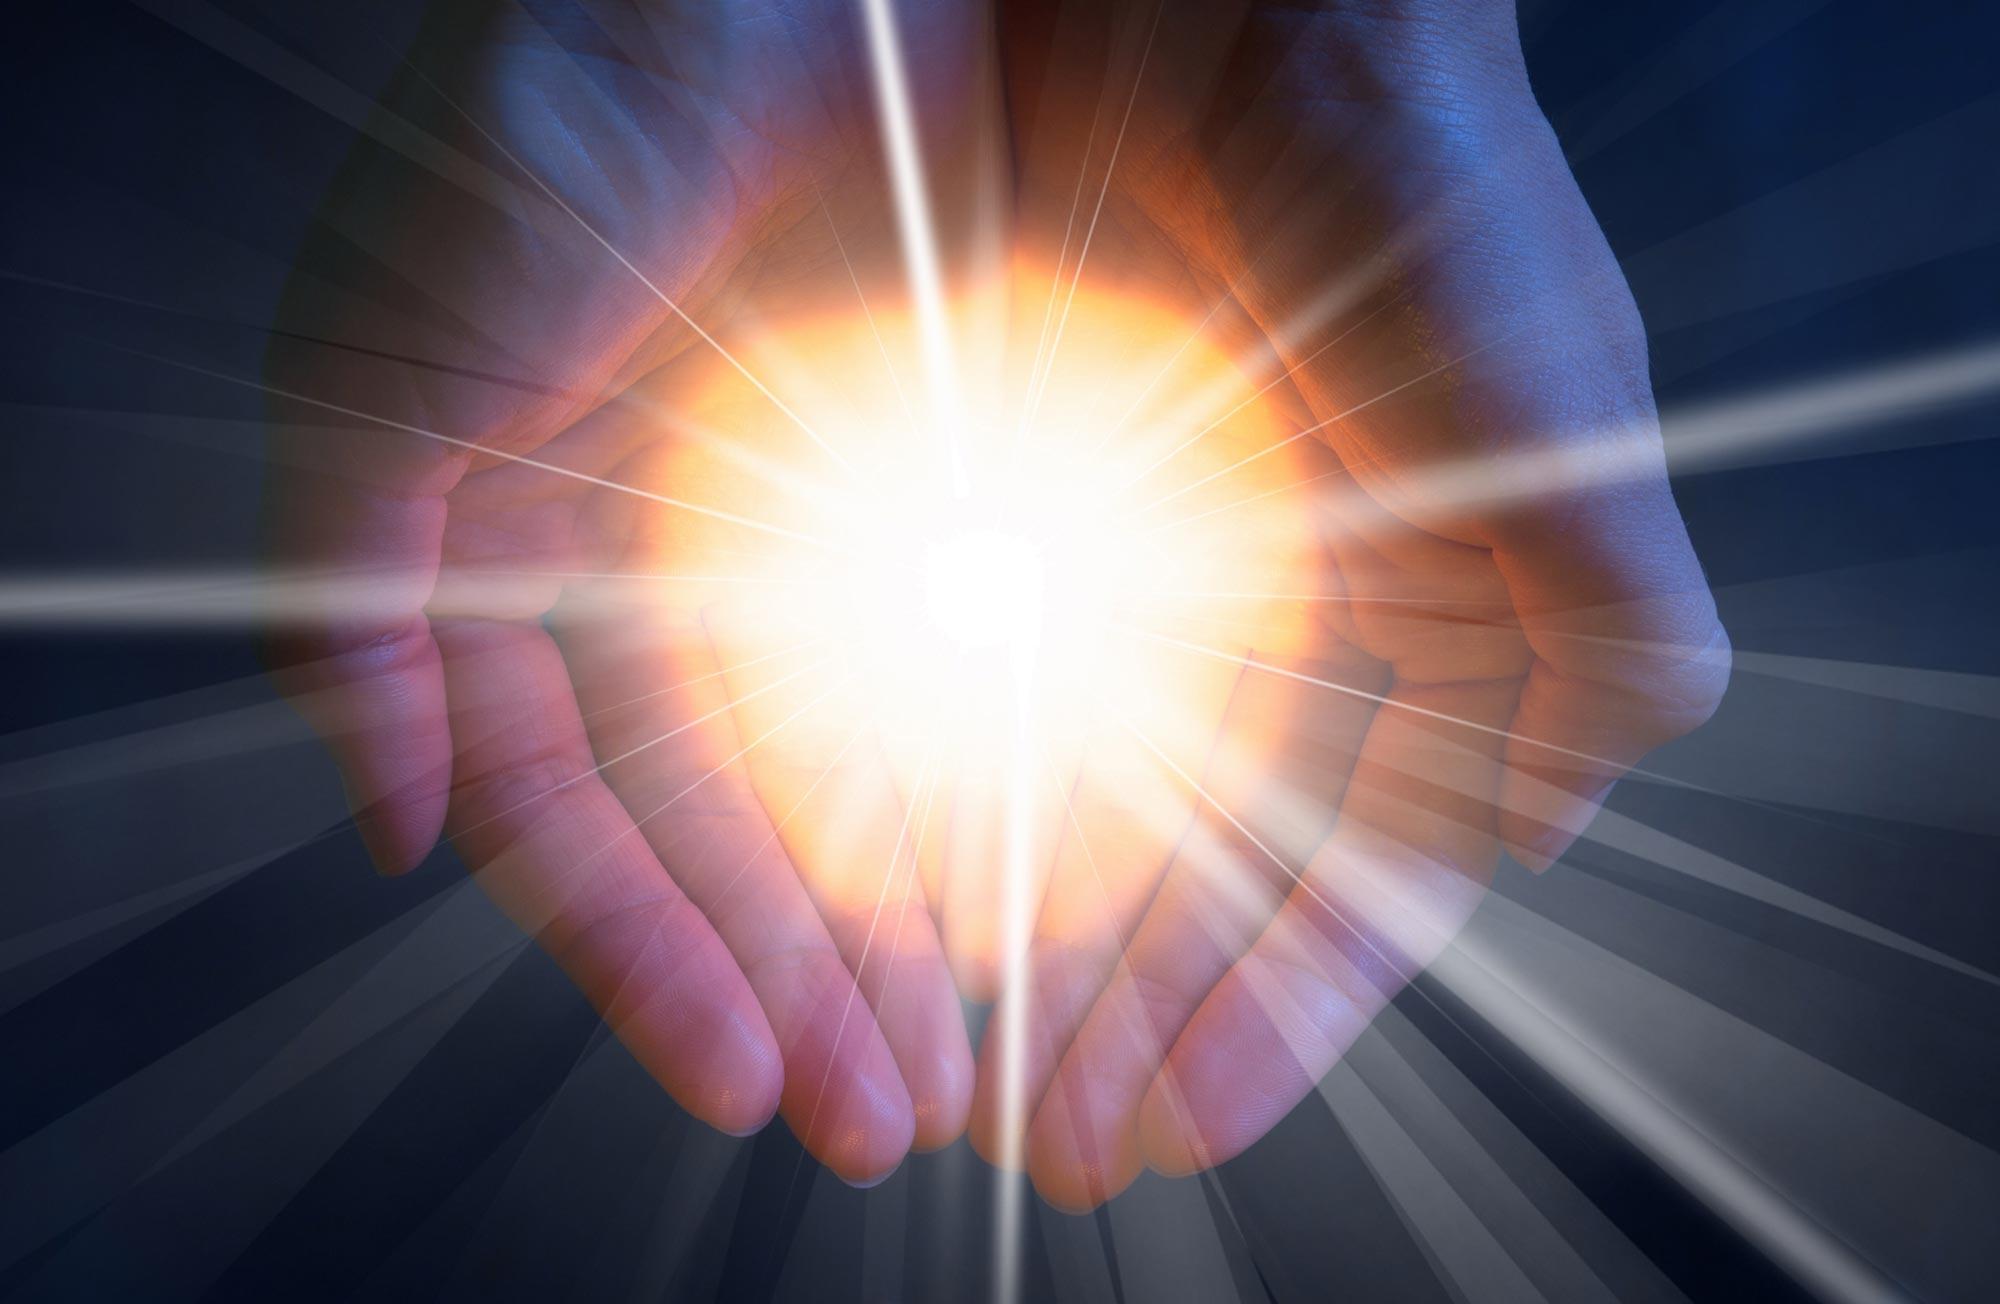 hands-light.jpg